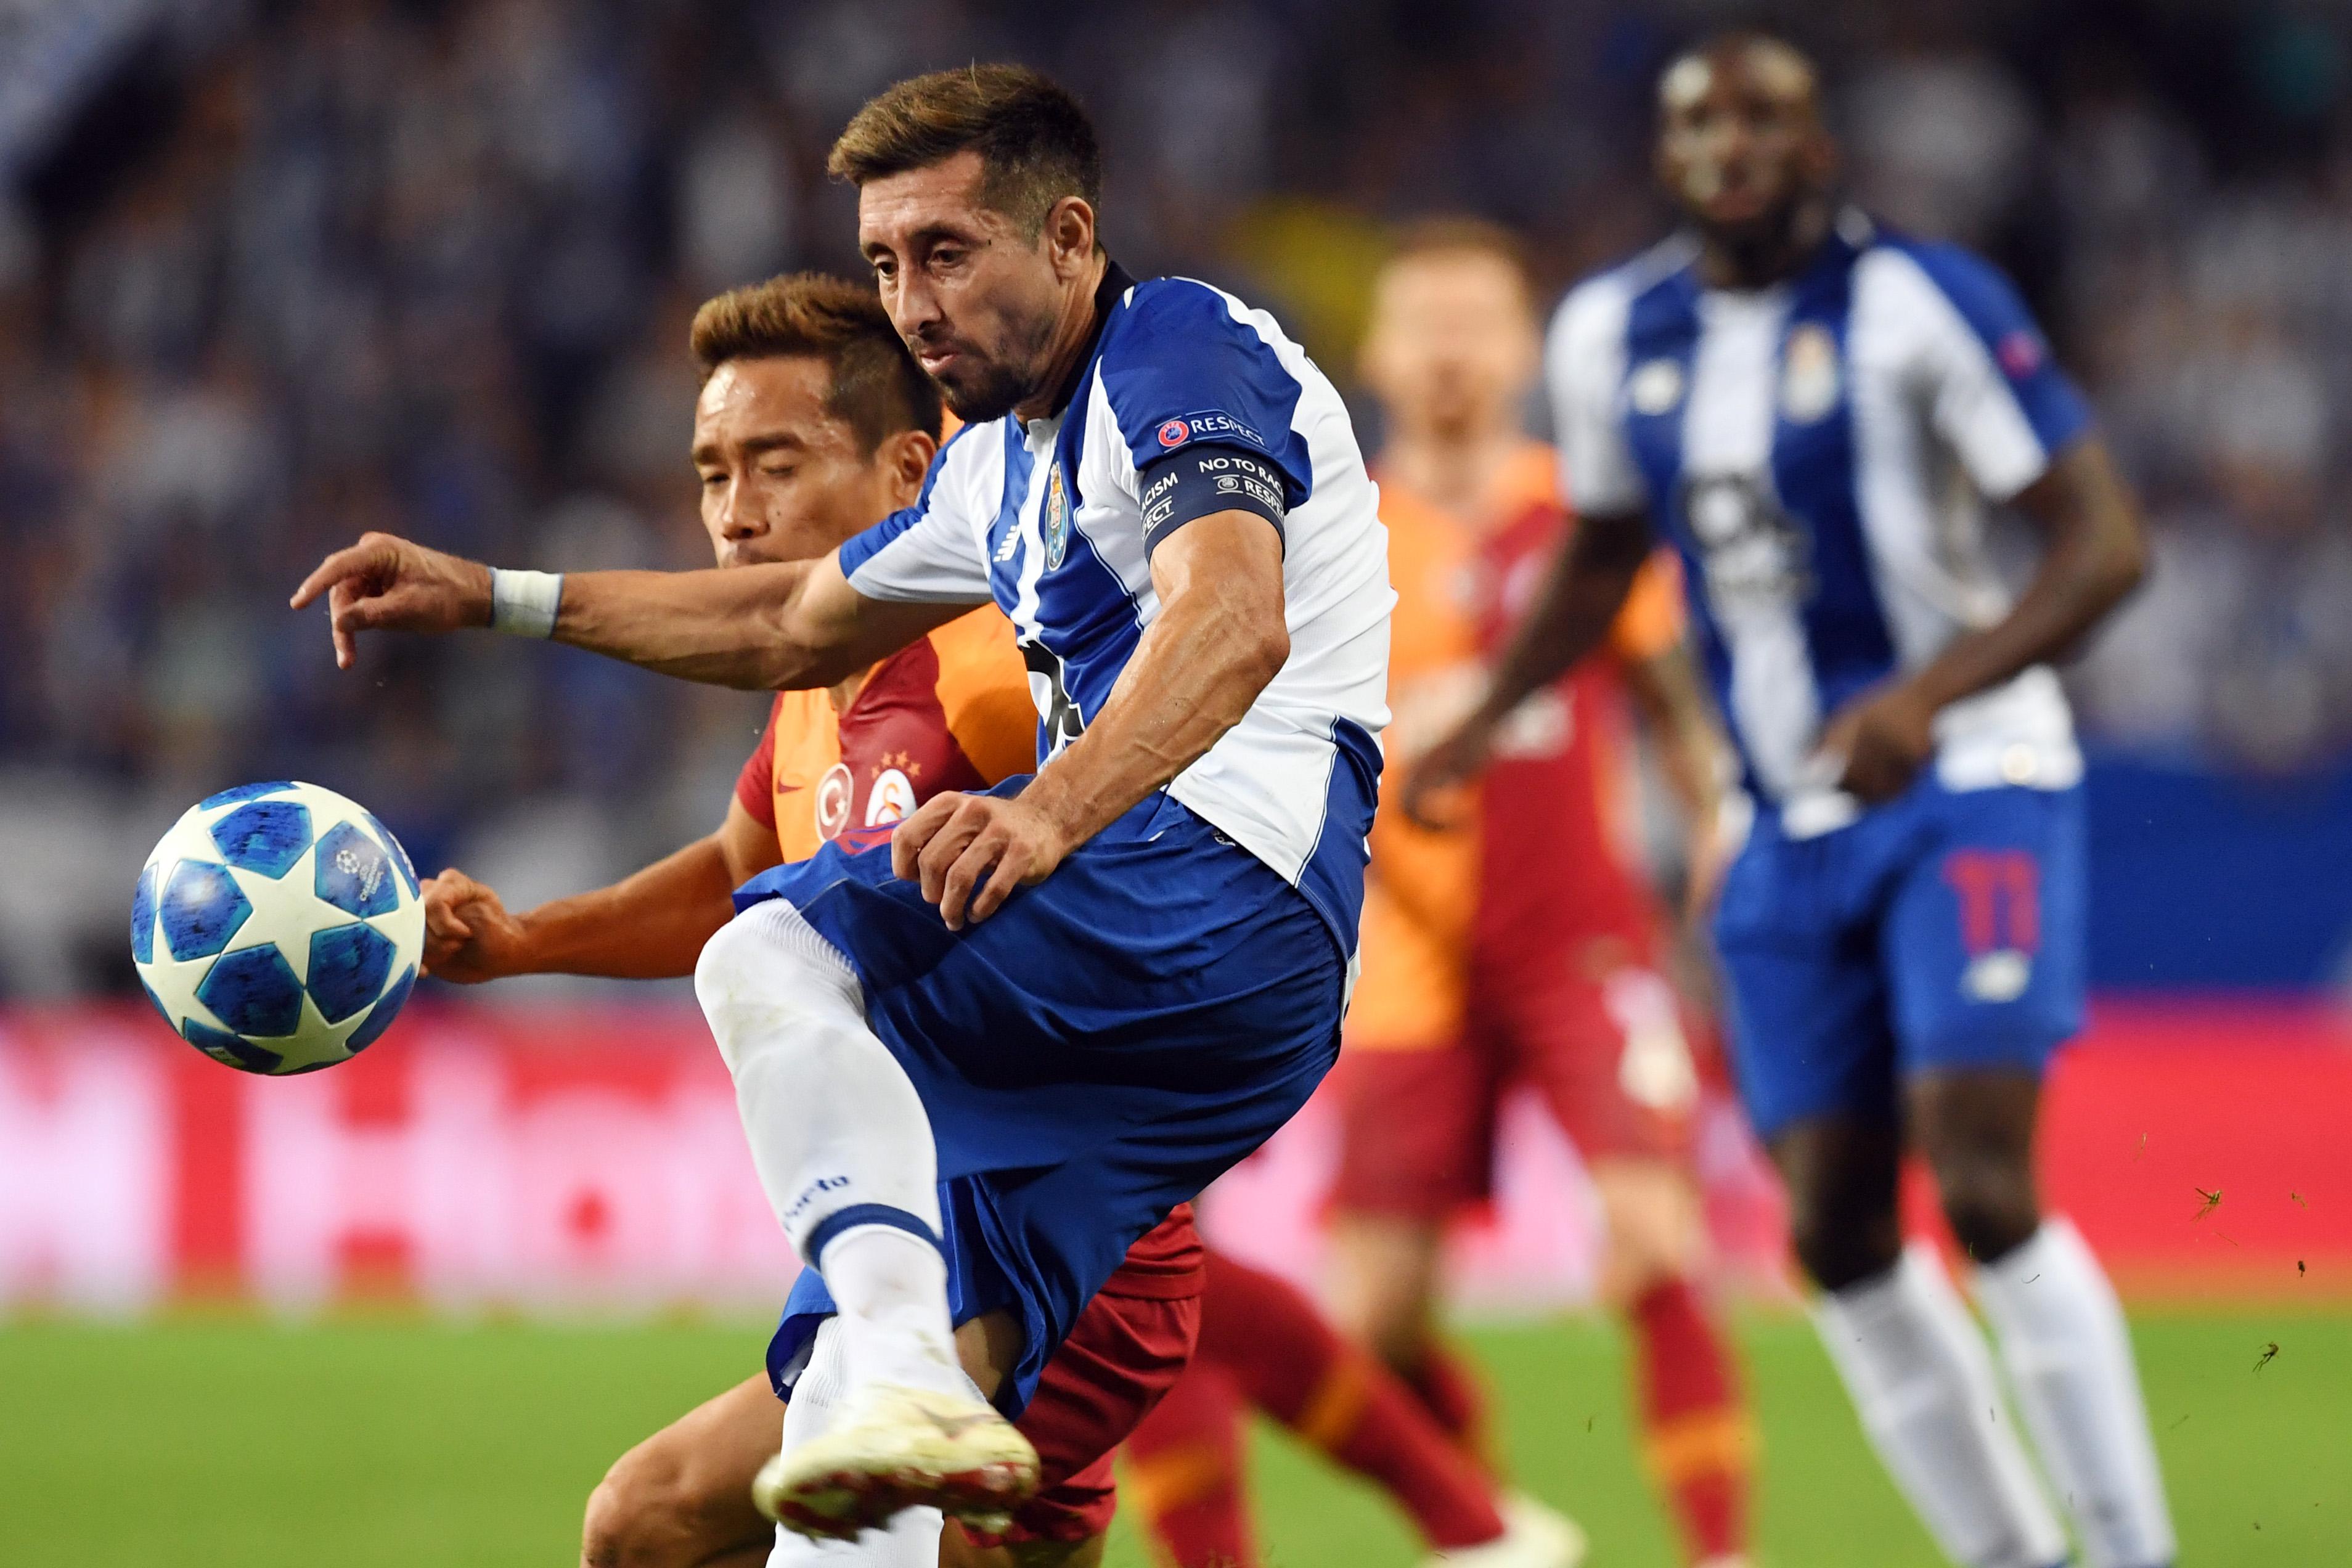 Porto vs Galatasaray Champions League